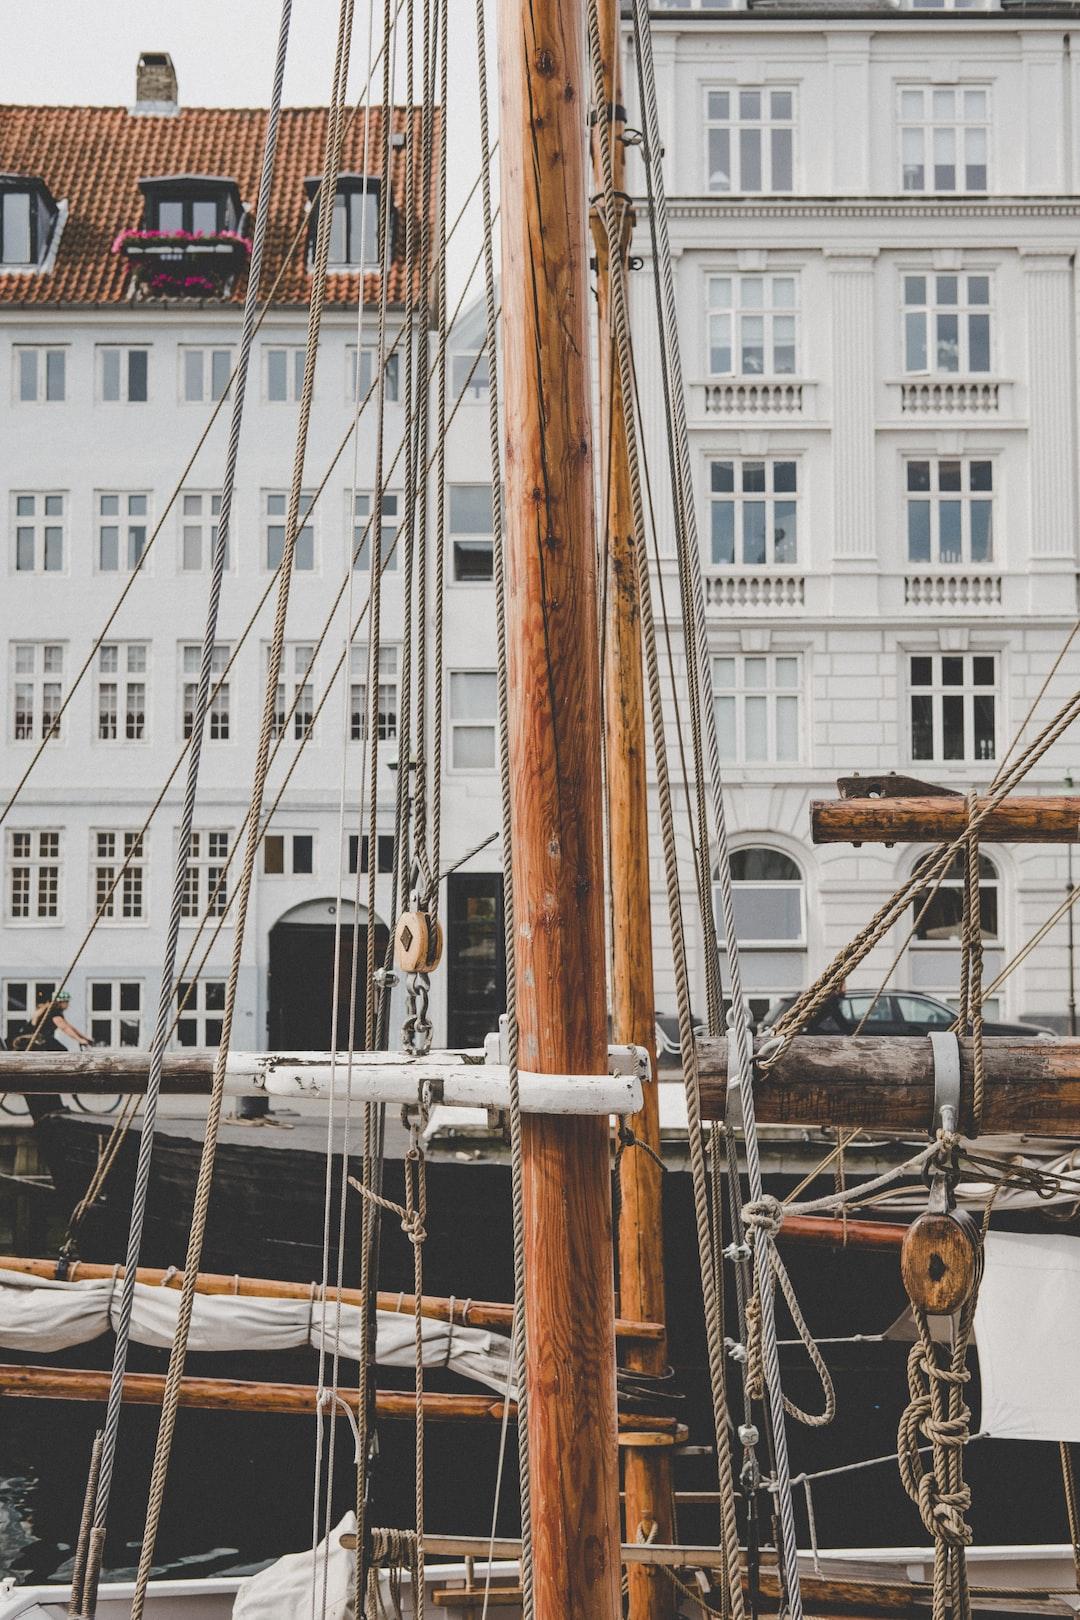 The fishermen of Nyhavn.